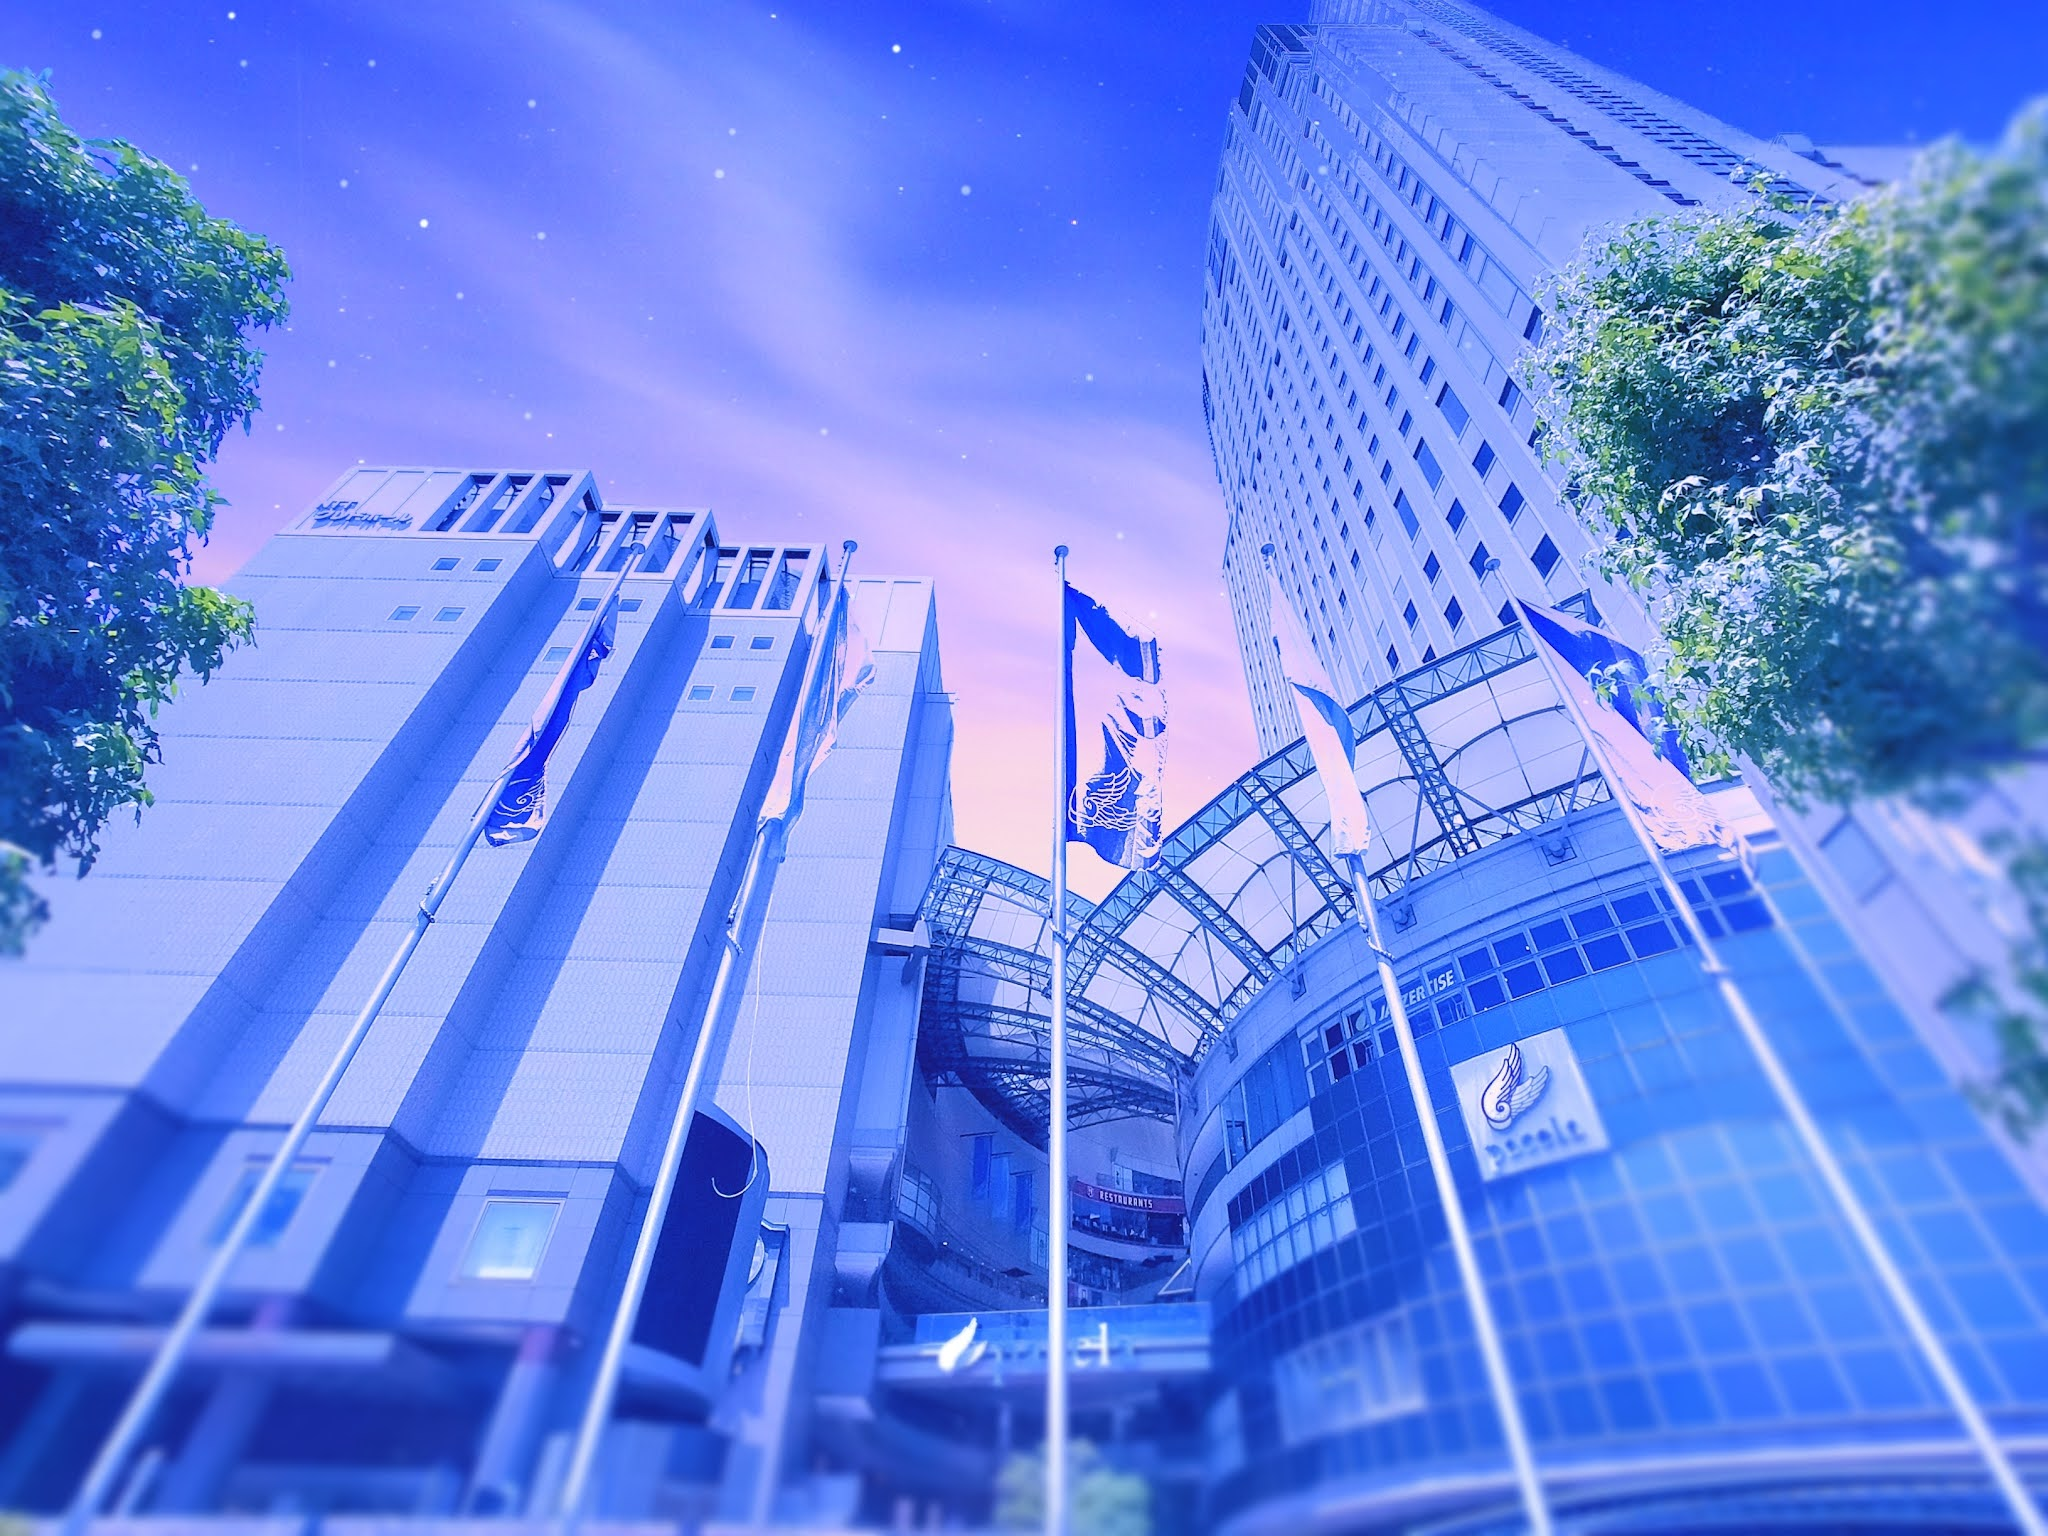 新海誠風夕暮れの風景に加工した風景写真。